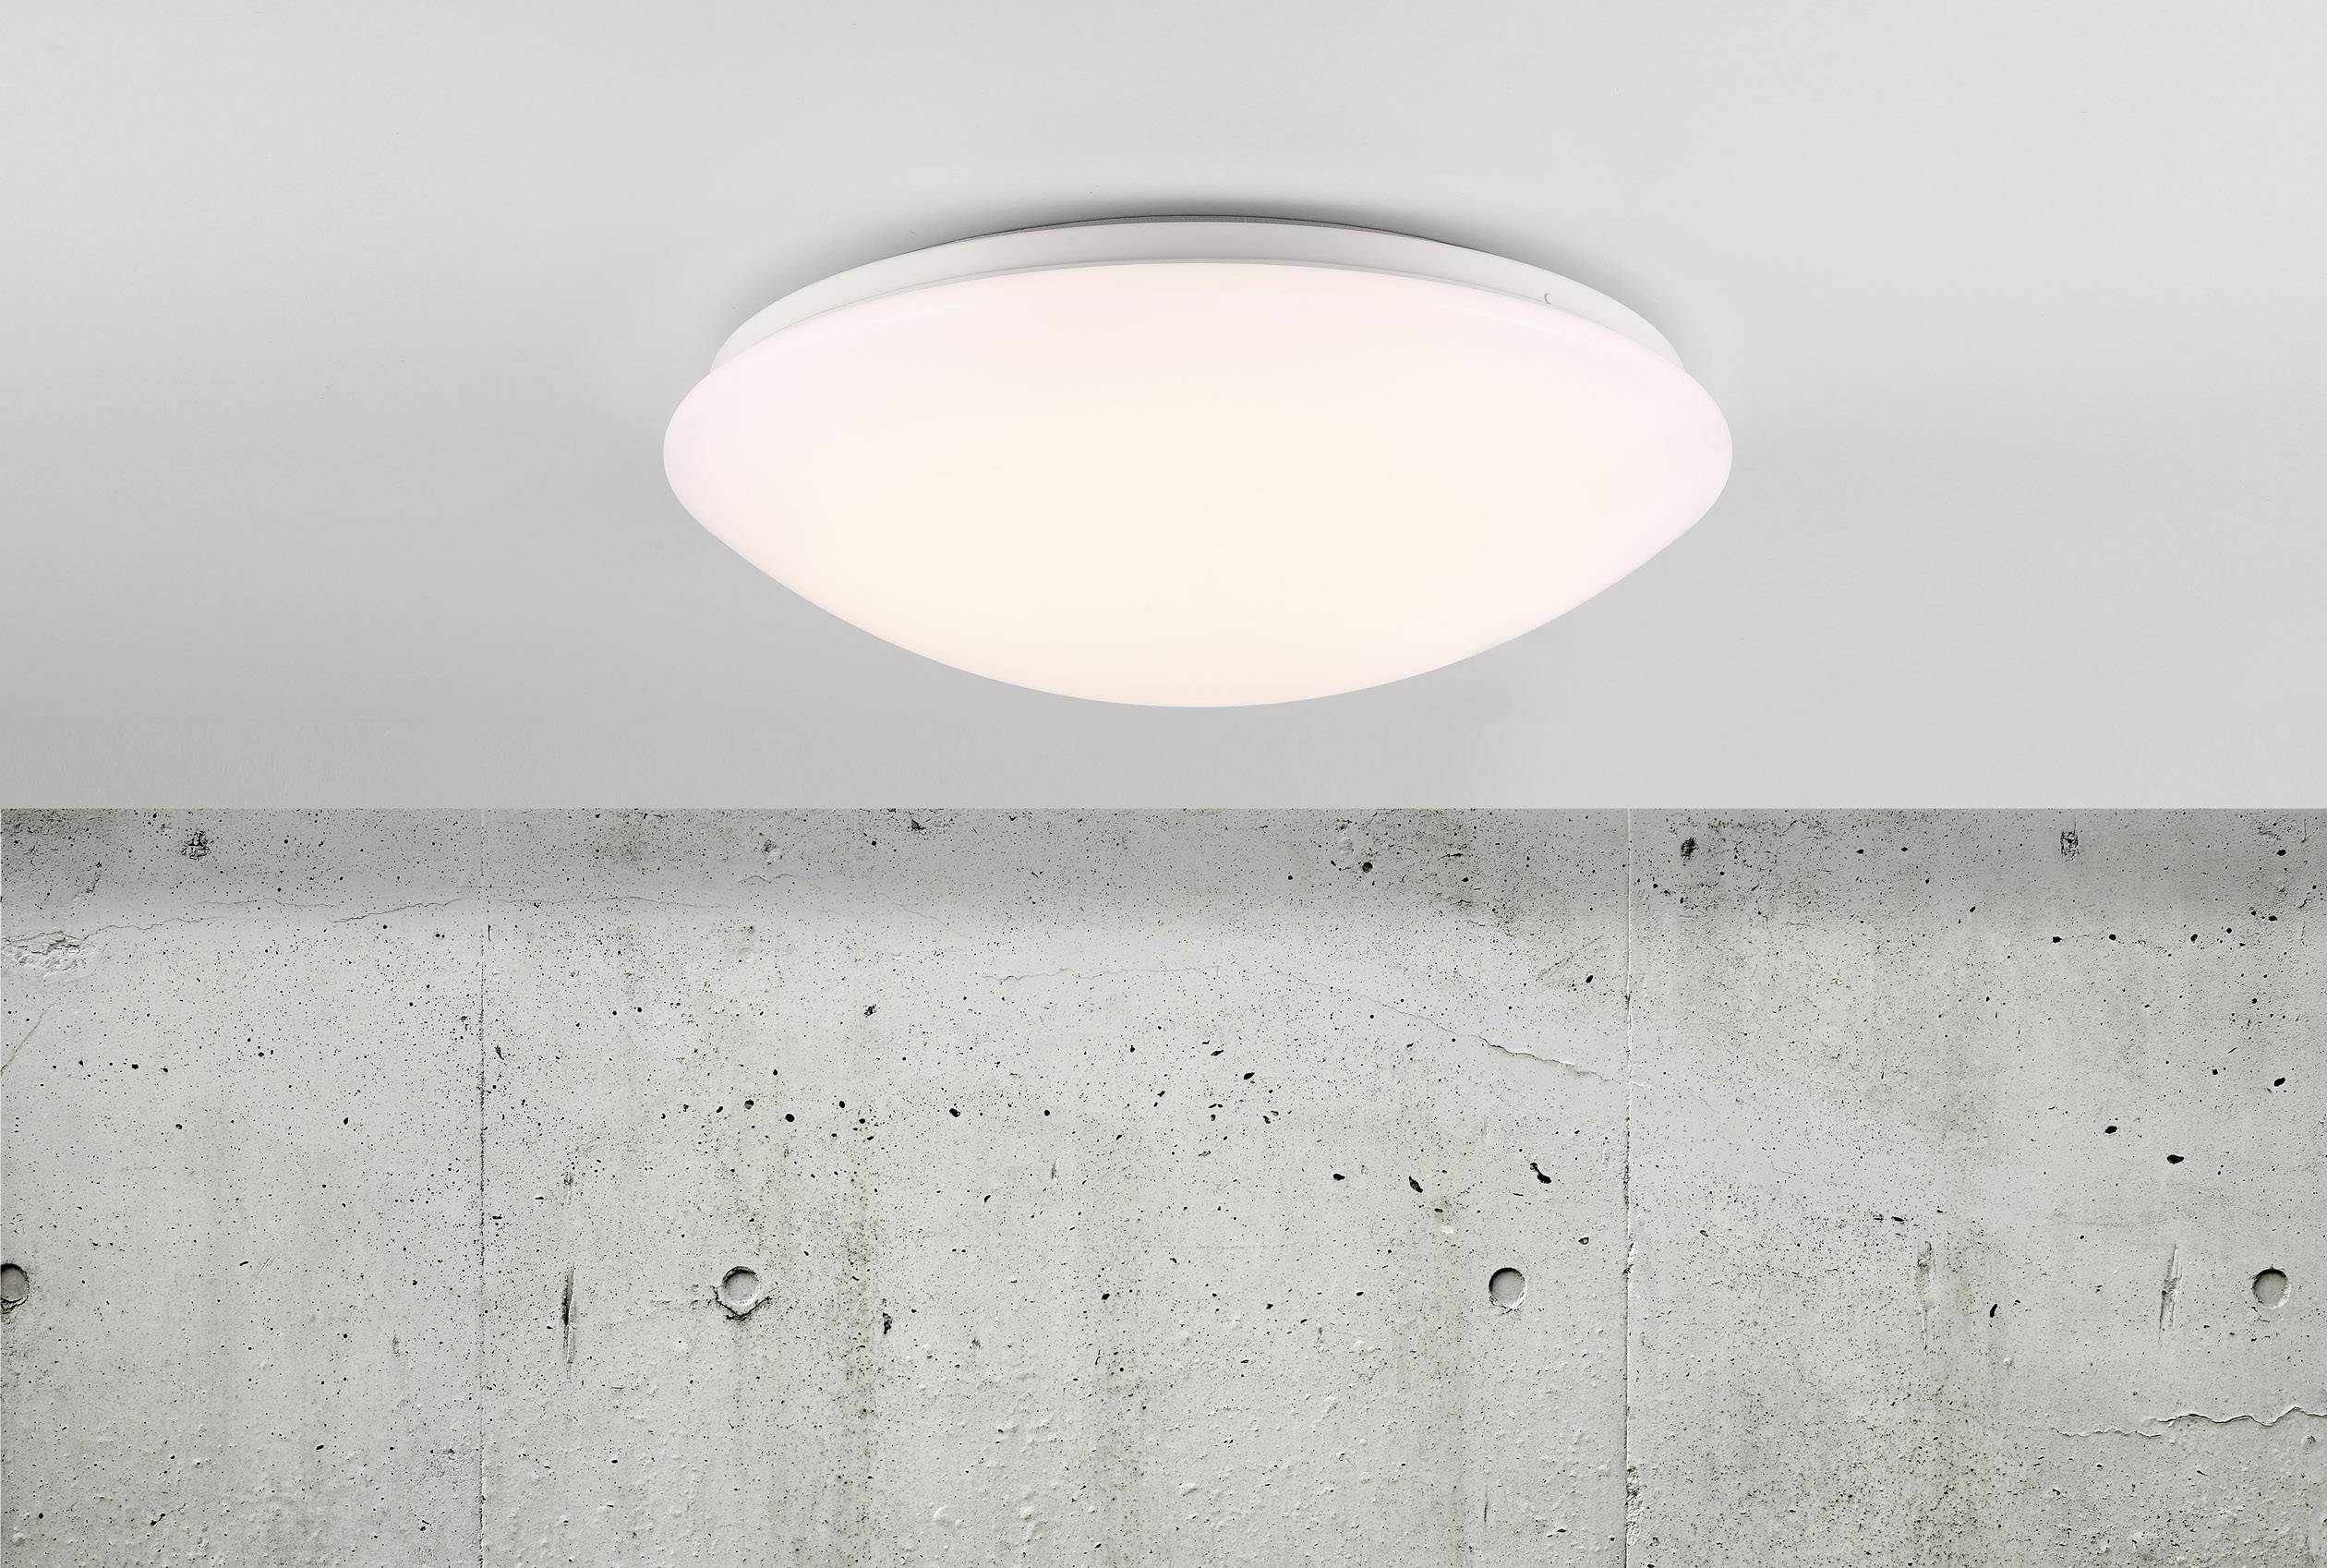 Plafoniera Per Esterno Con Rilevatore Di Presenza : Lampada led a soffitto per esterni con rilevatore di movimento